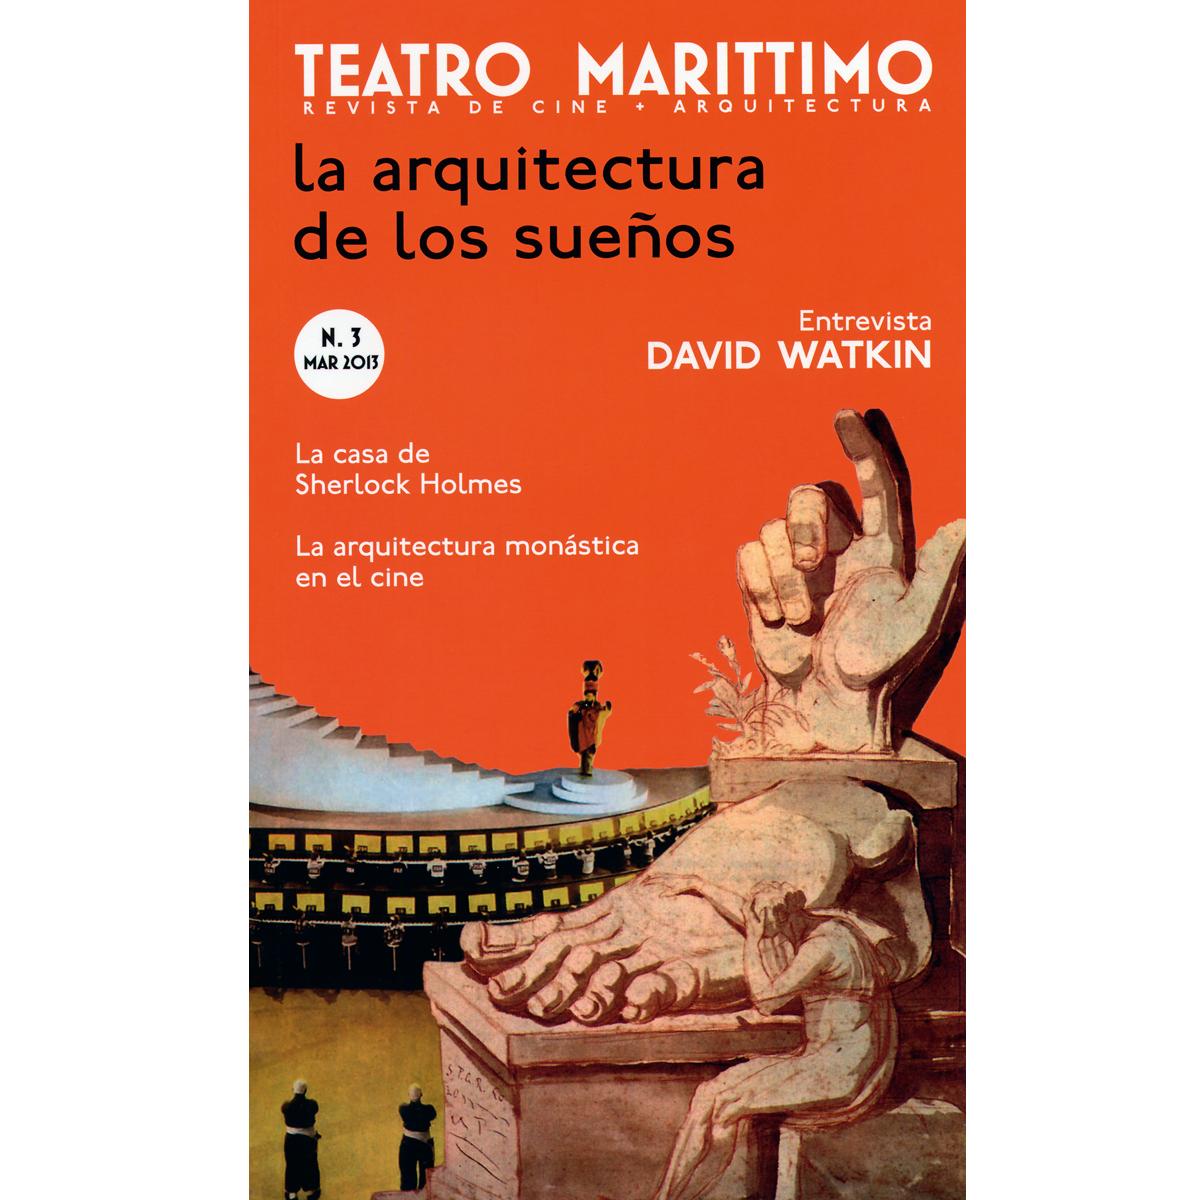 Teatro Marittimo: La arquitectura de los sueños